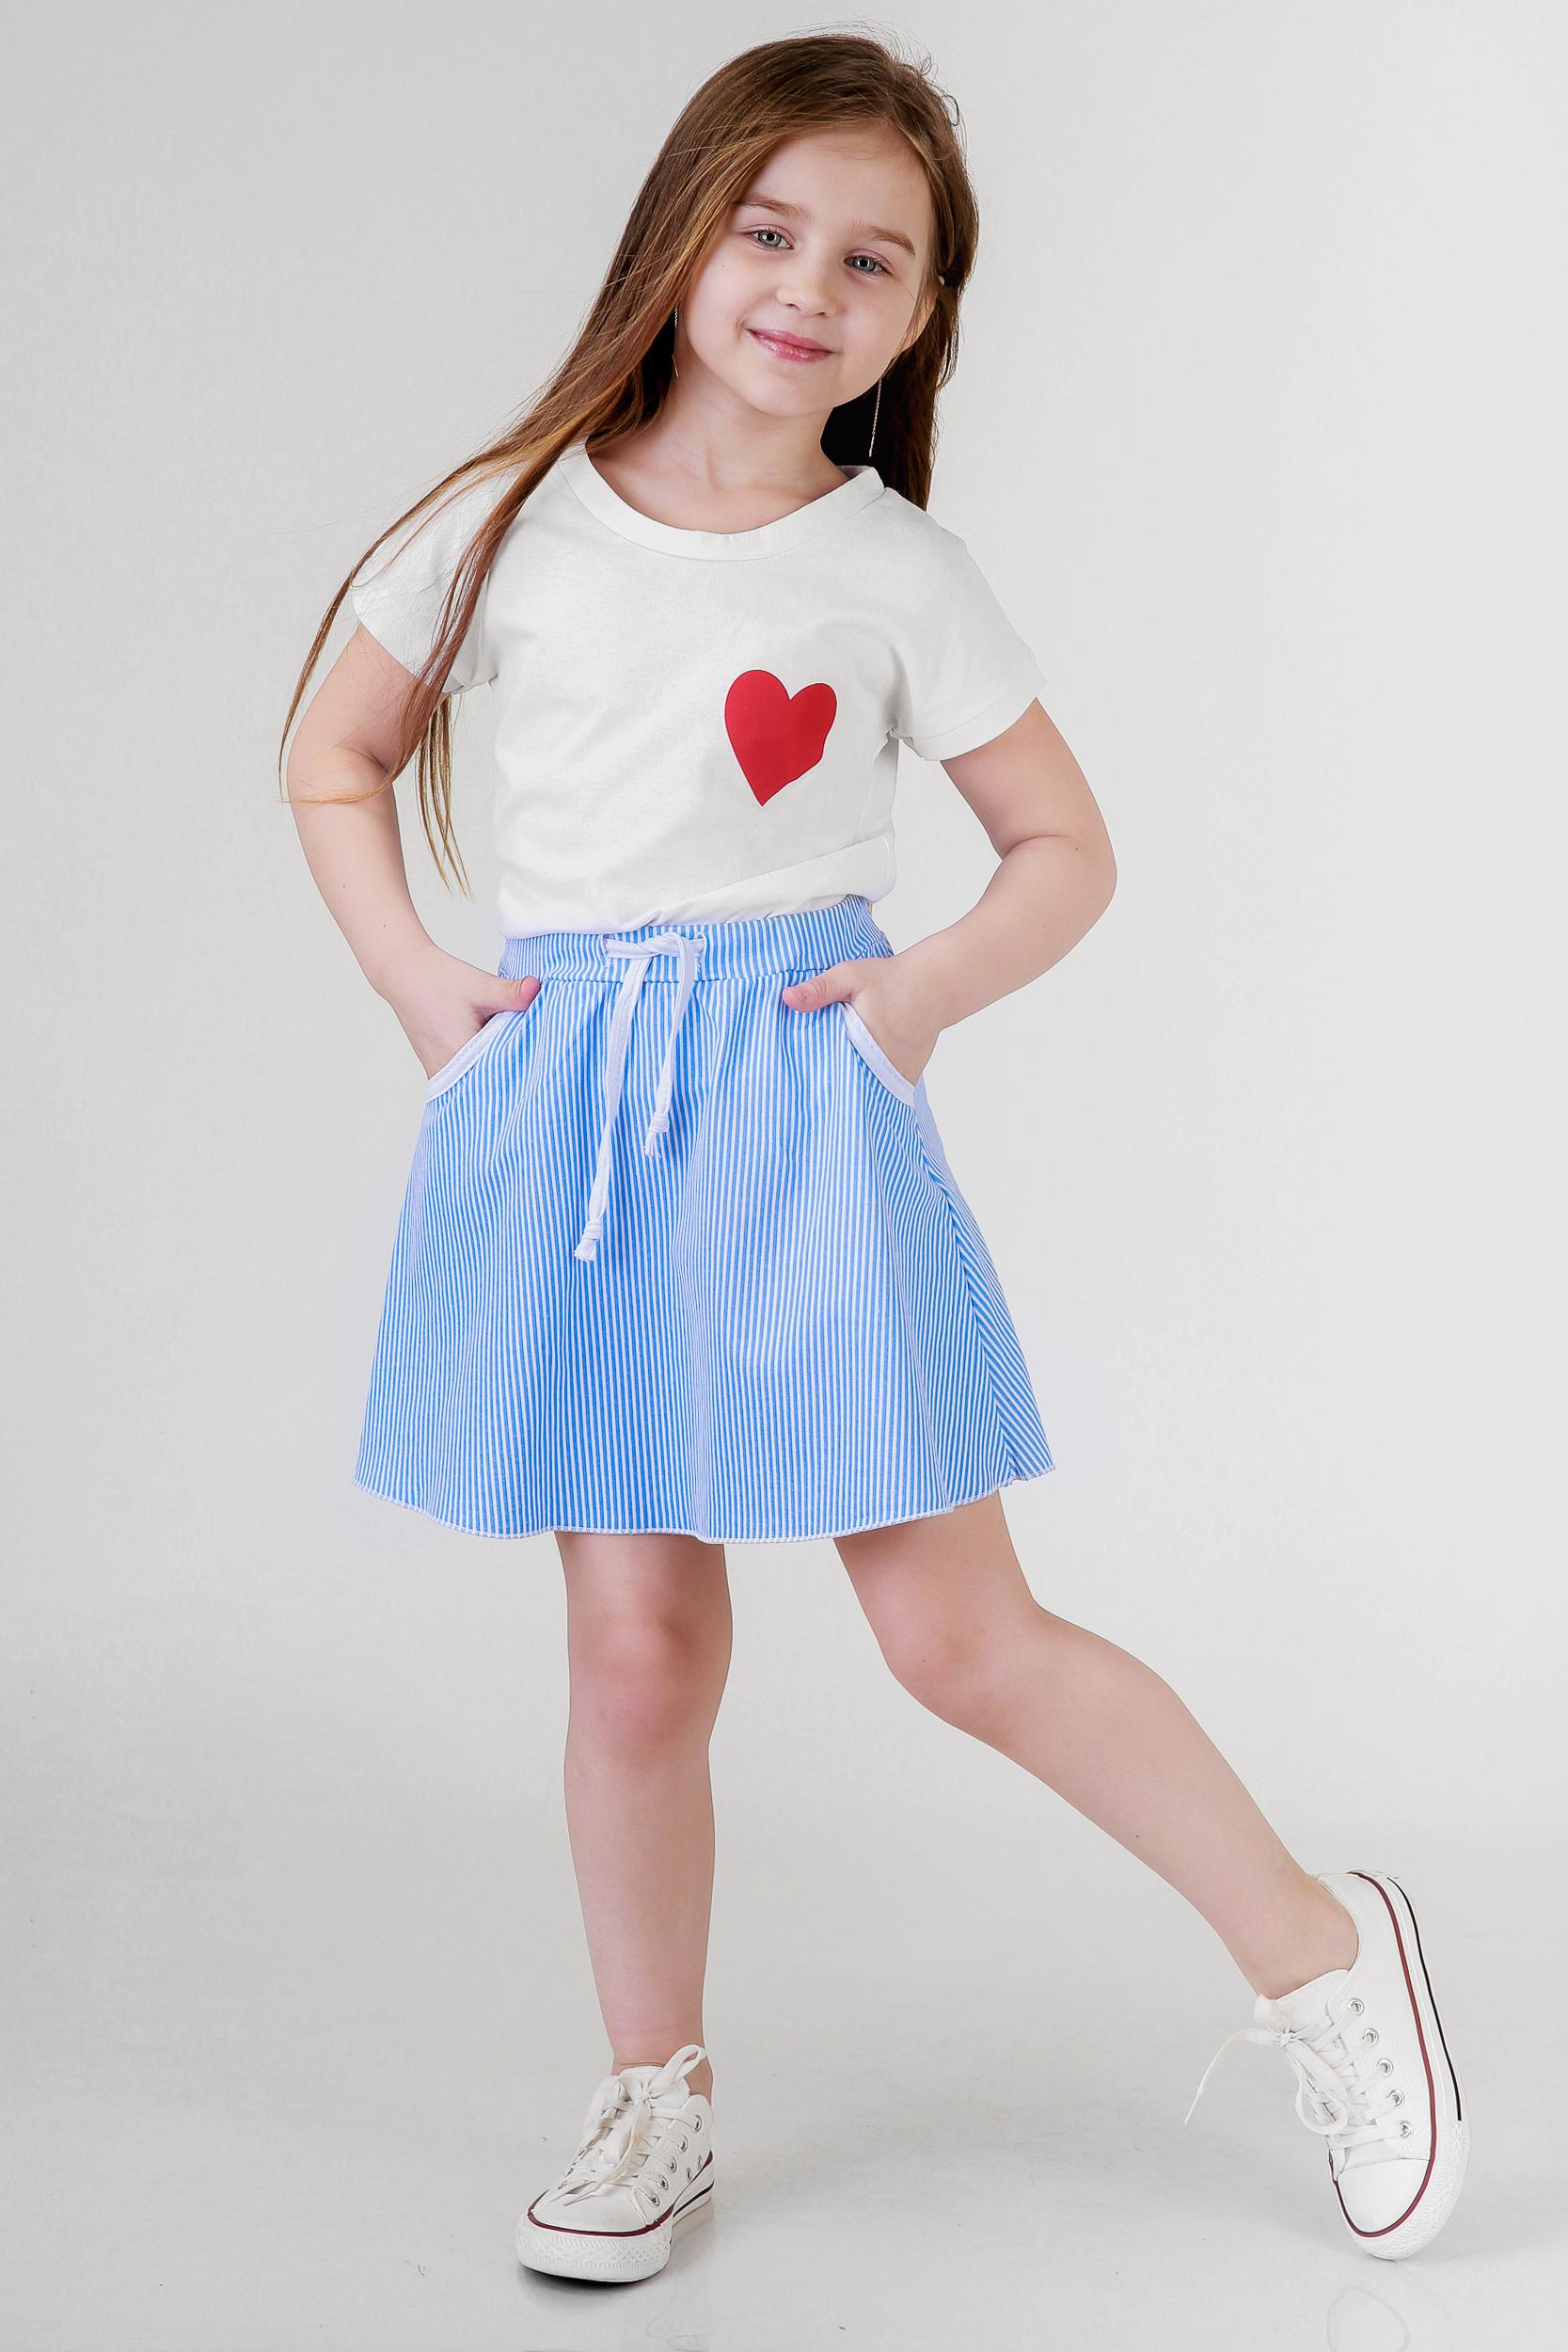 Детская домашняя одежда Pastilla Детский костюм Ласточка Цвет: Бирюзовый (6-7 лет) детский костюм озорного клоуна 34